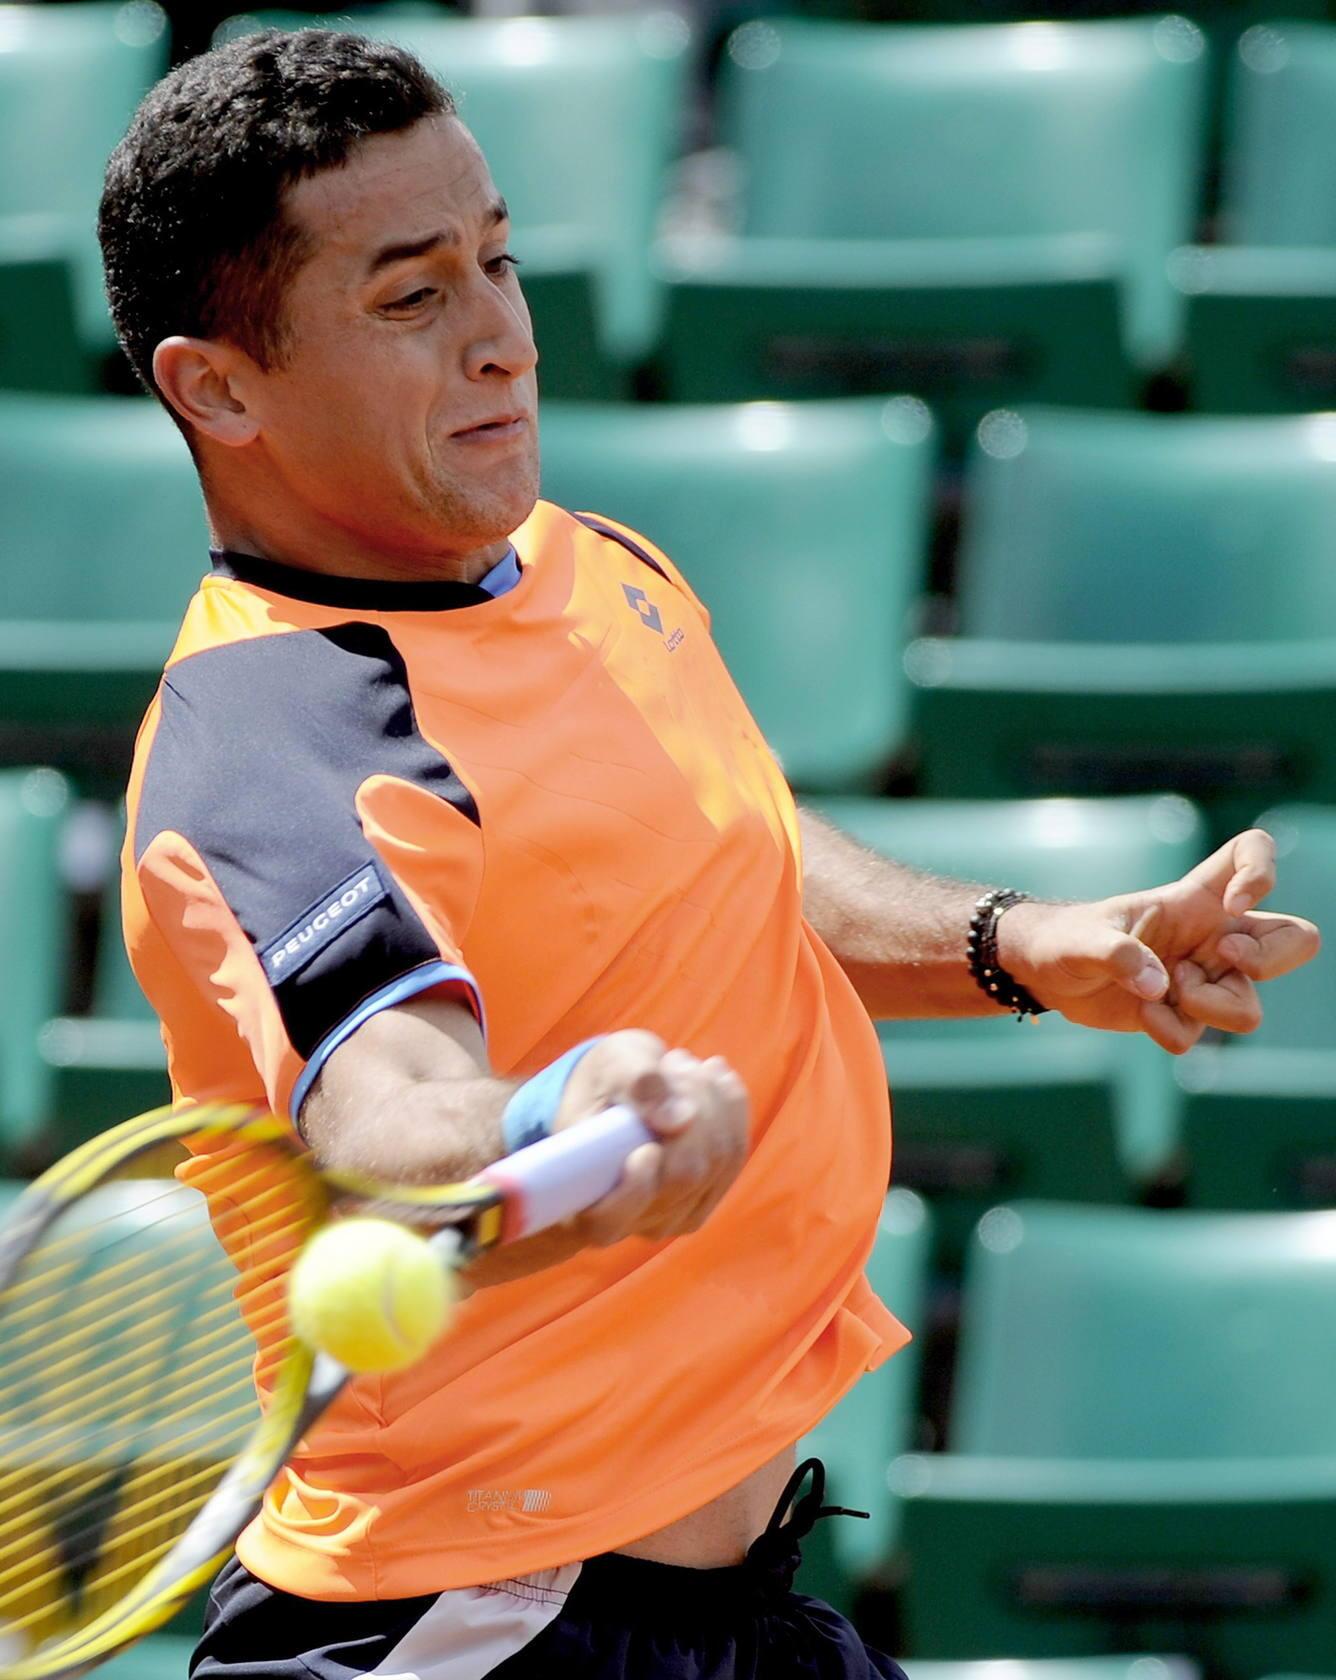 Almagro en el torneo de Roland Garros 2013